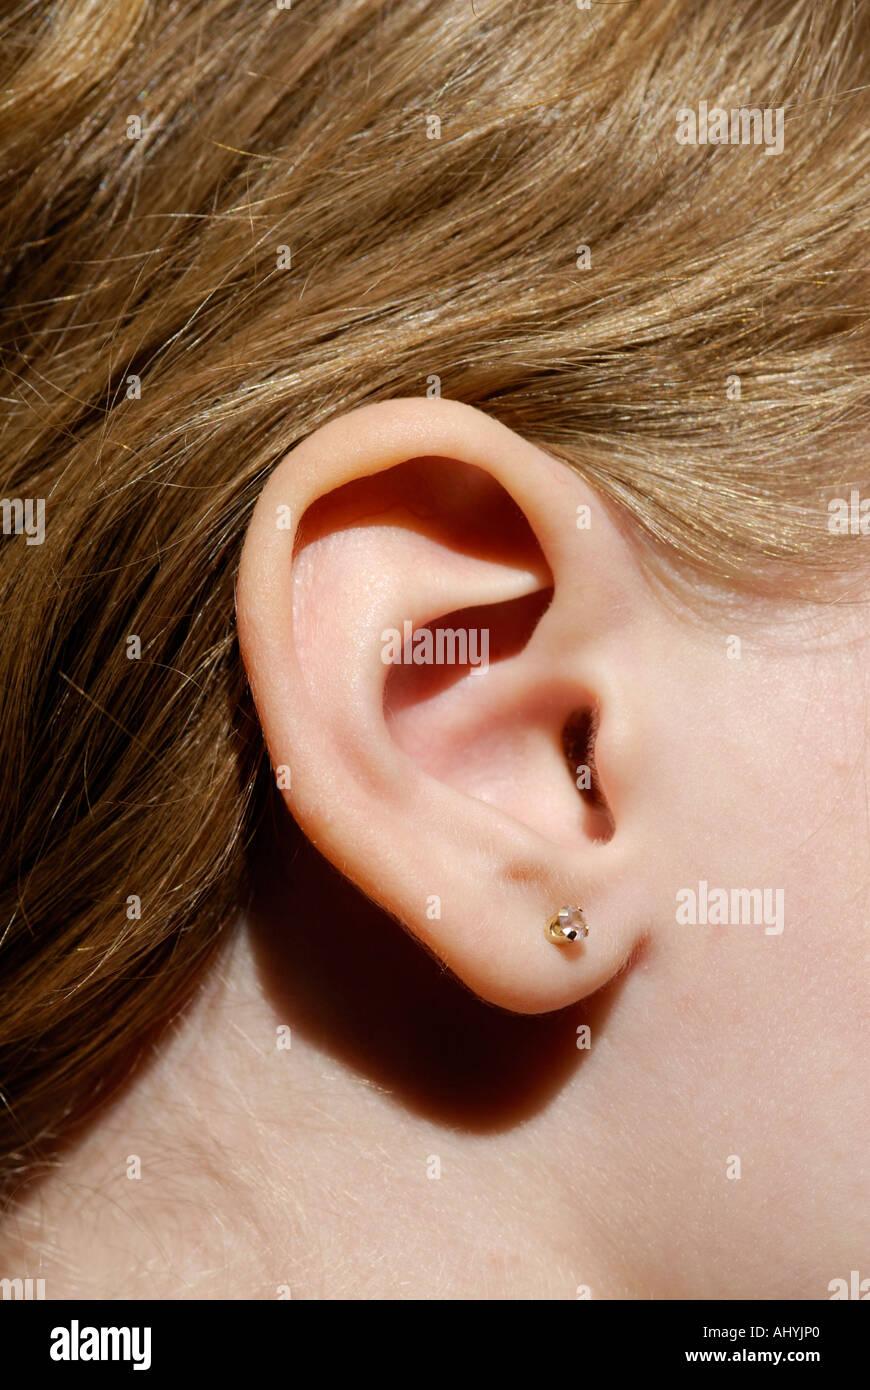 Menschliches Ohr hautnah. Äußere Ohr, Ohrmuschel Stockbild